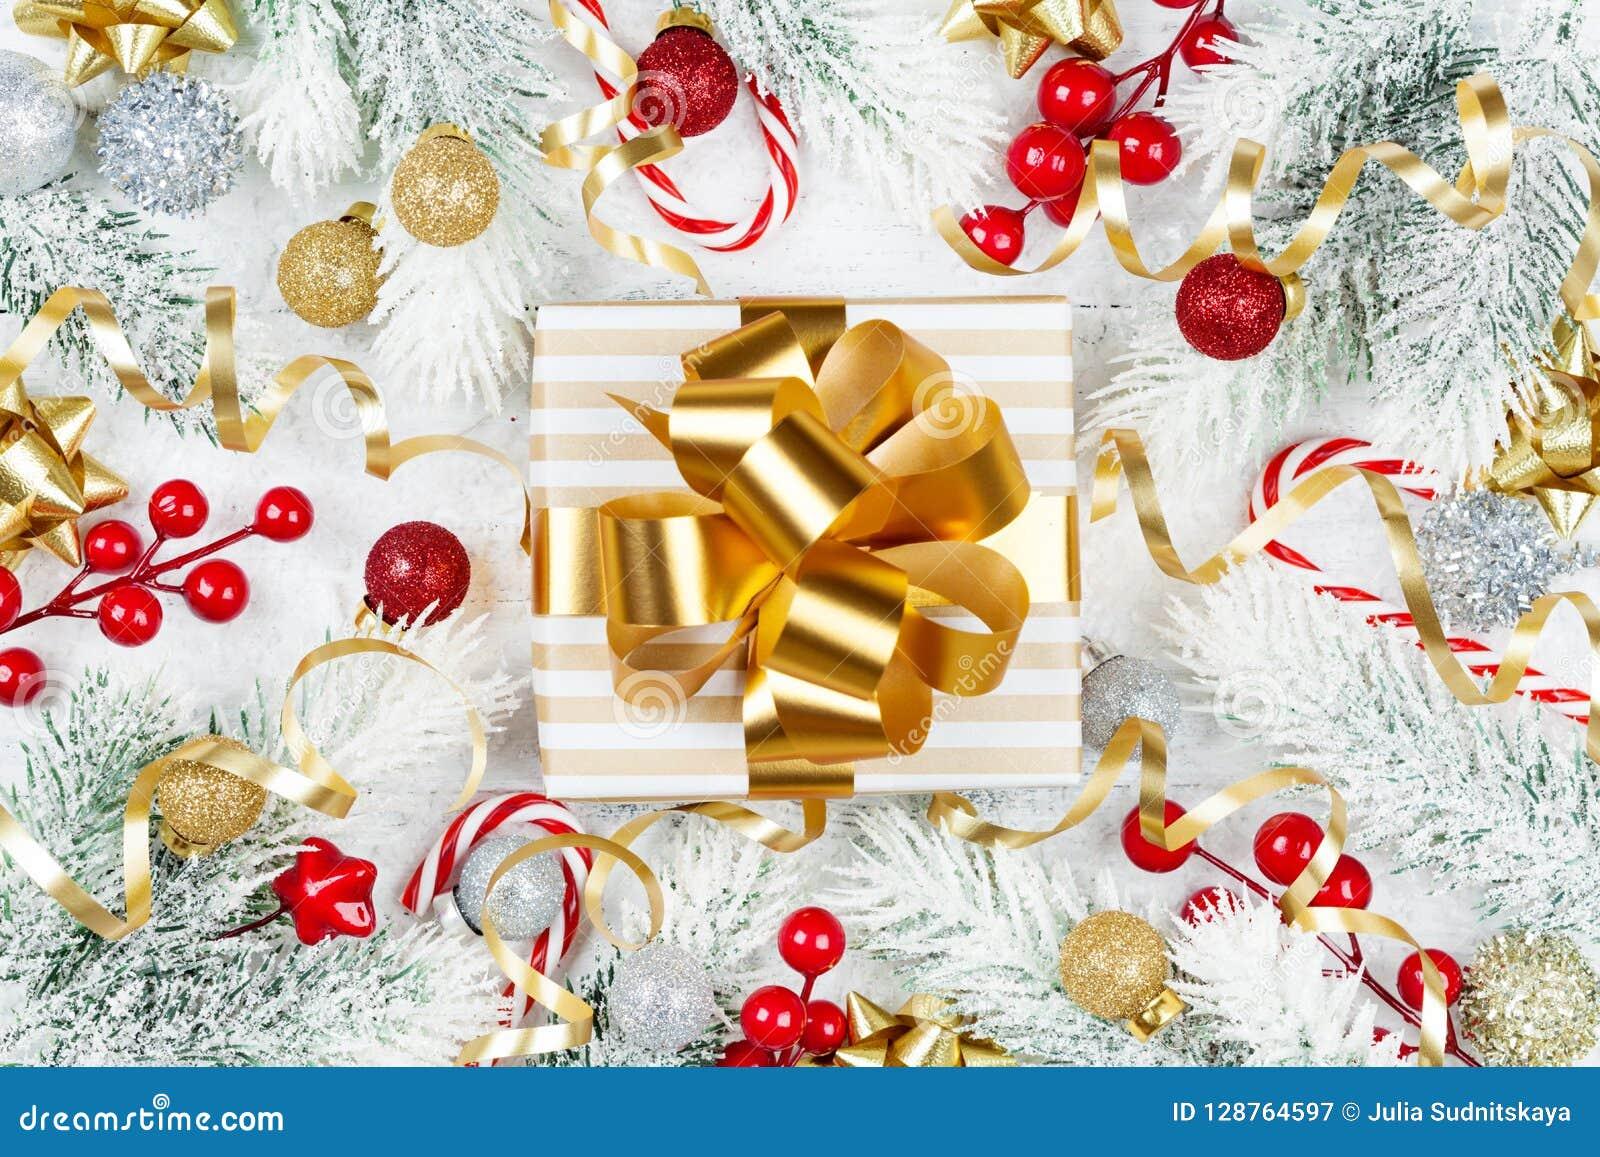 Χρυσό δώρο ή παρόν κιβώτιο, χιονώδεις δέντρο έλατου και διακοσμήσεις Χριστουγέννων στην άσπρη ξύλινη άποψη επιτραπέζιων κορυφών Ε